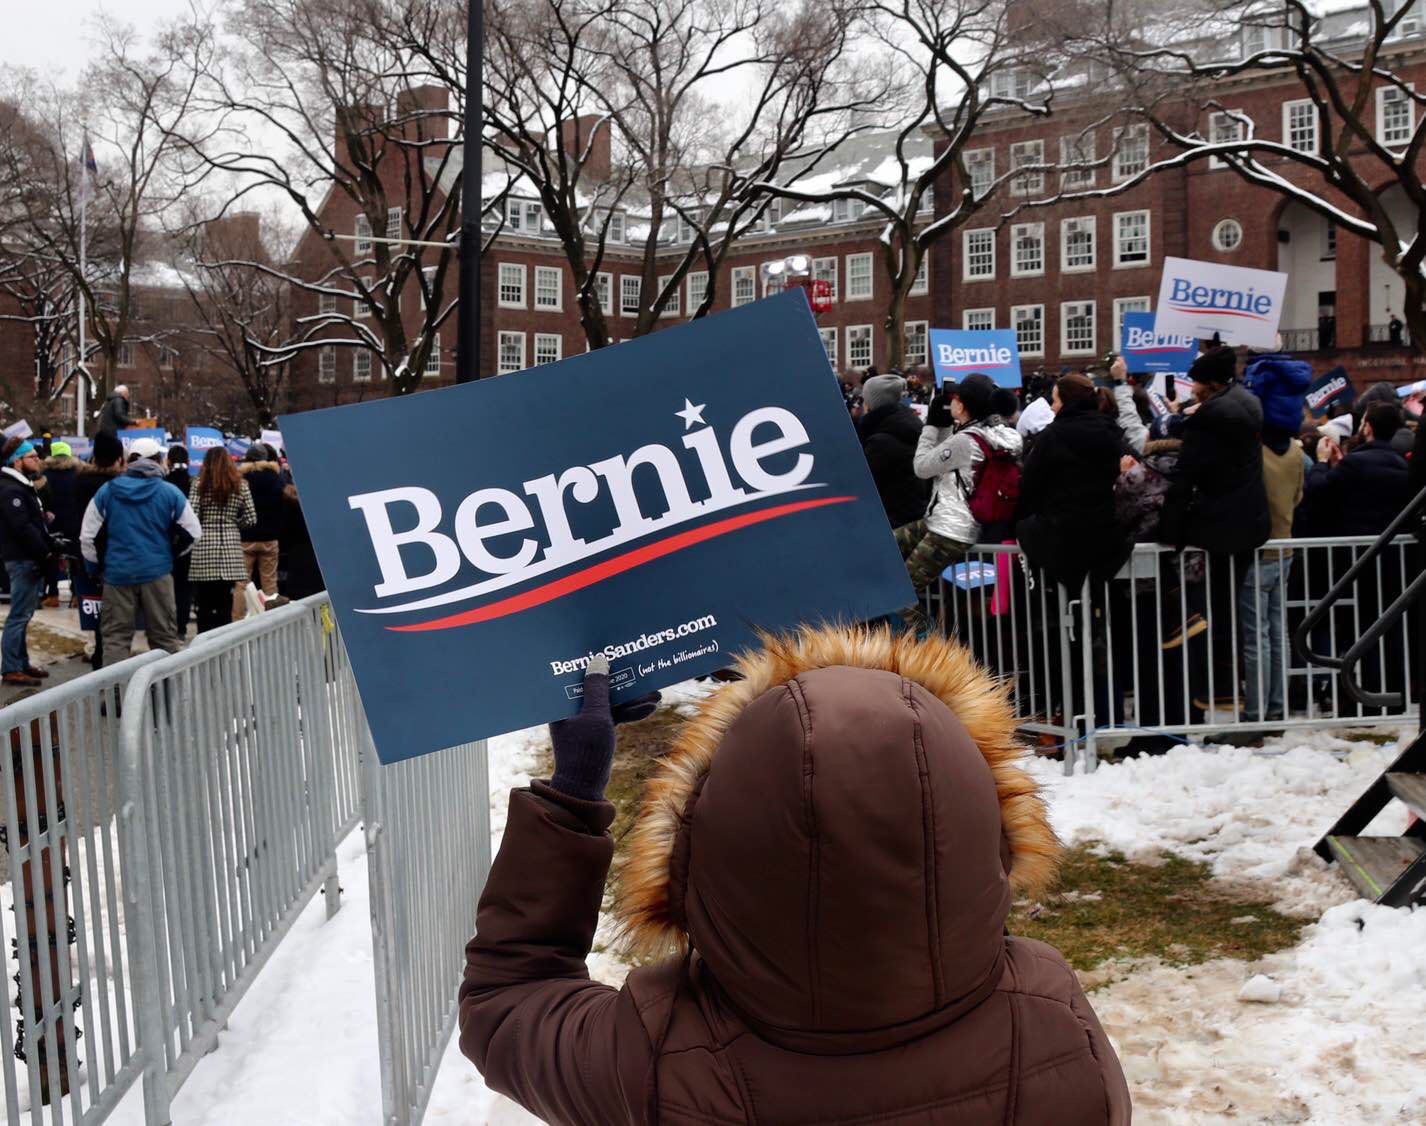 Bernie Sanders rally at Brooklyn College in Midwood